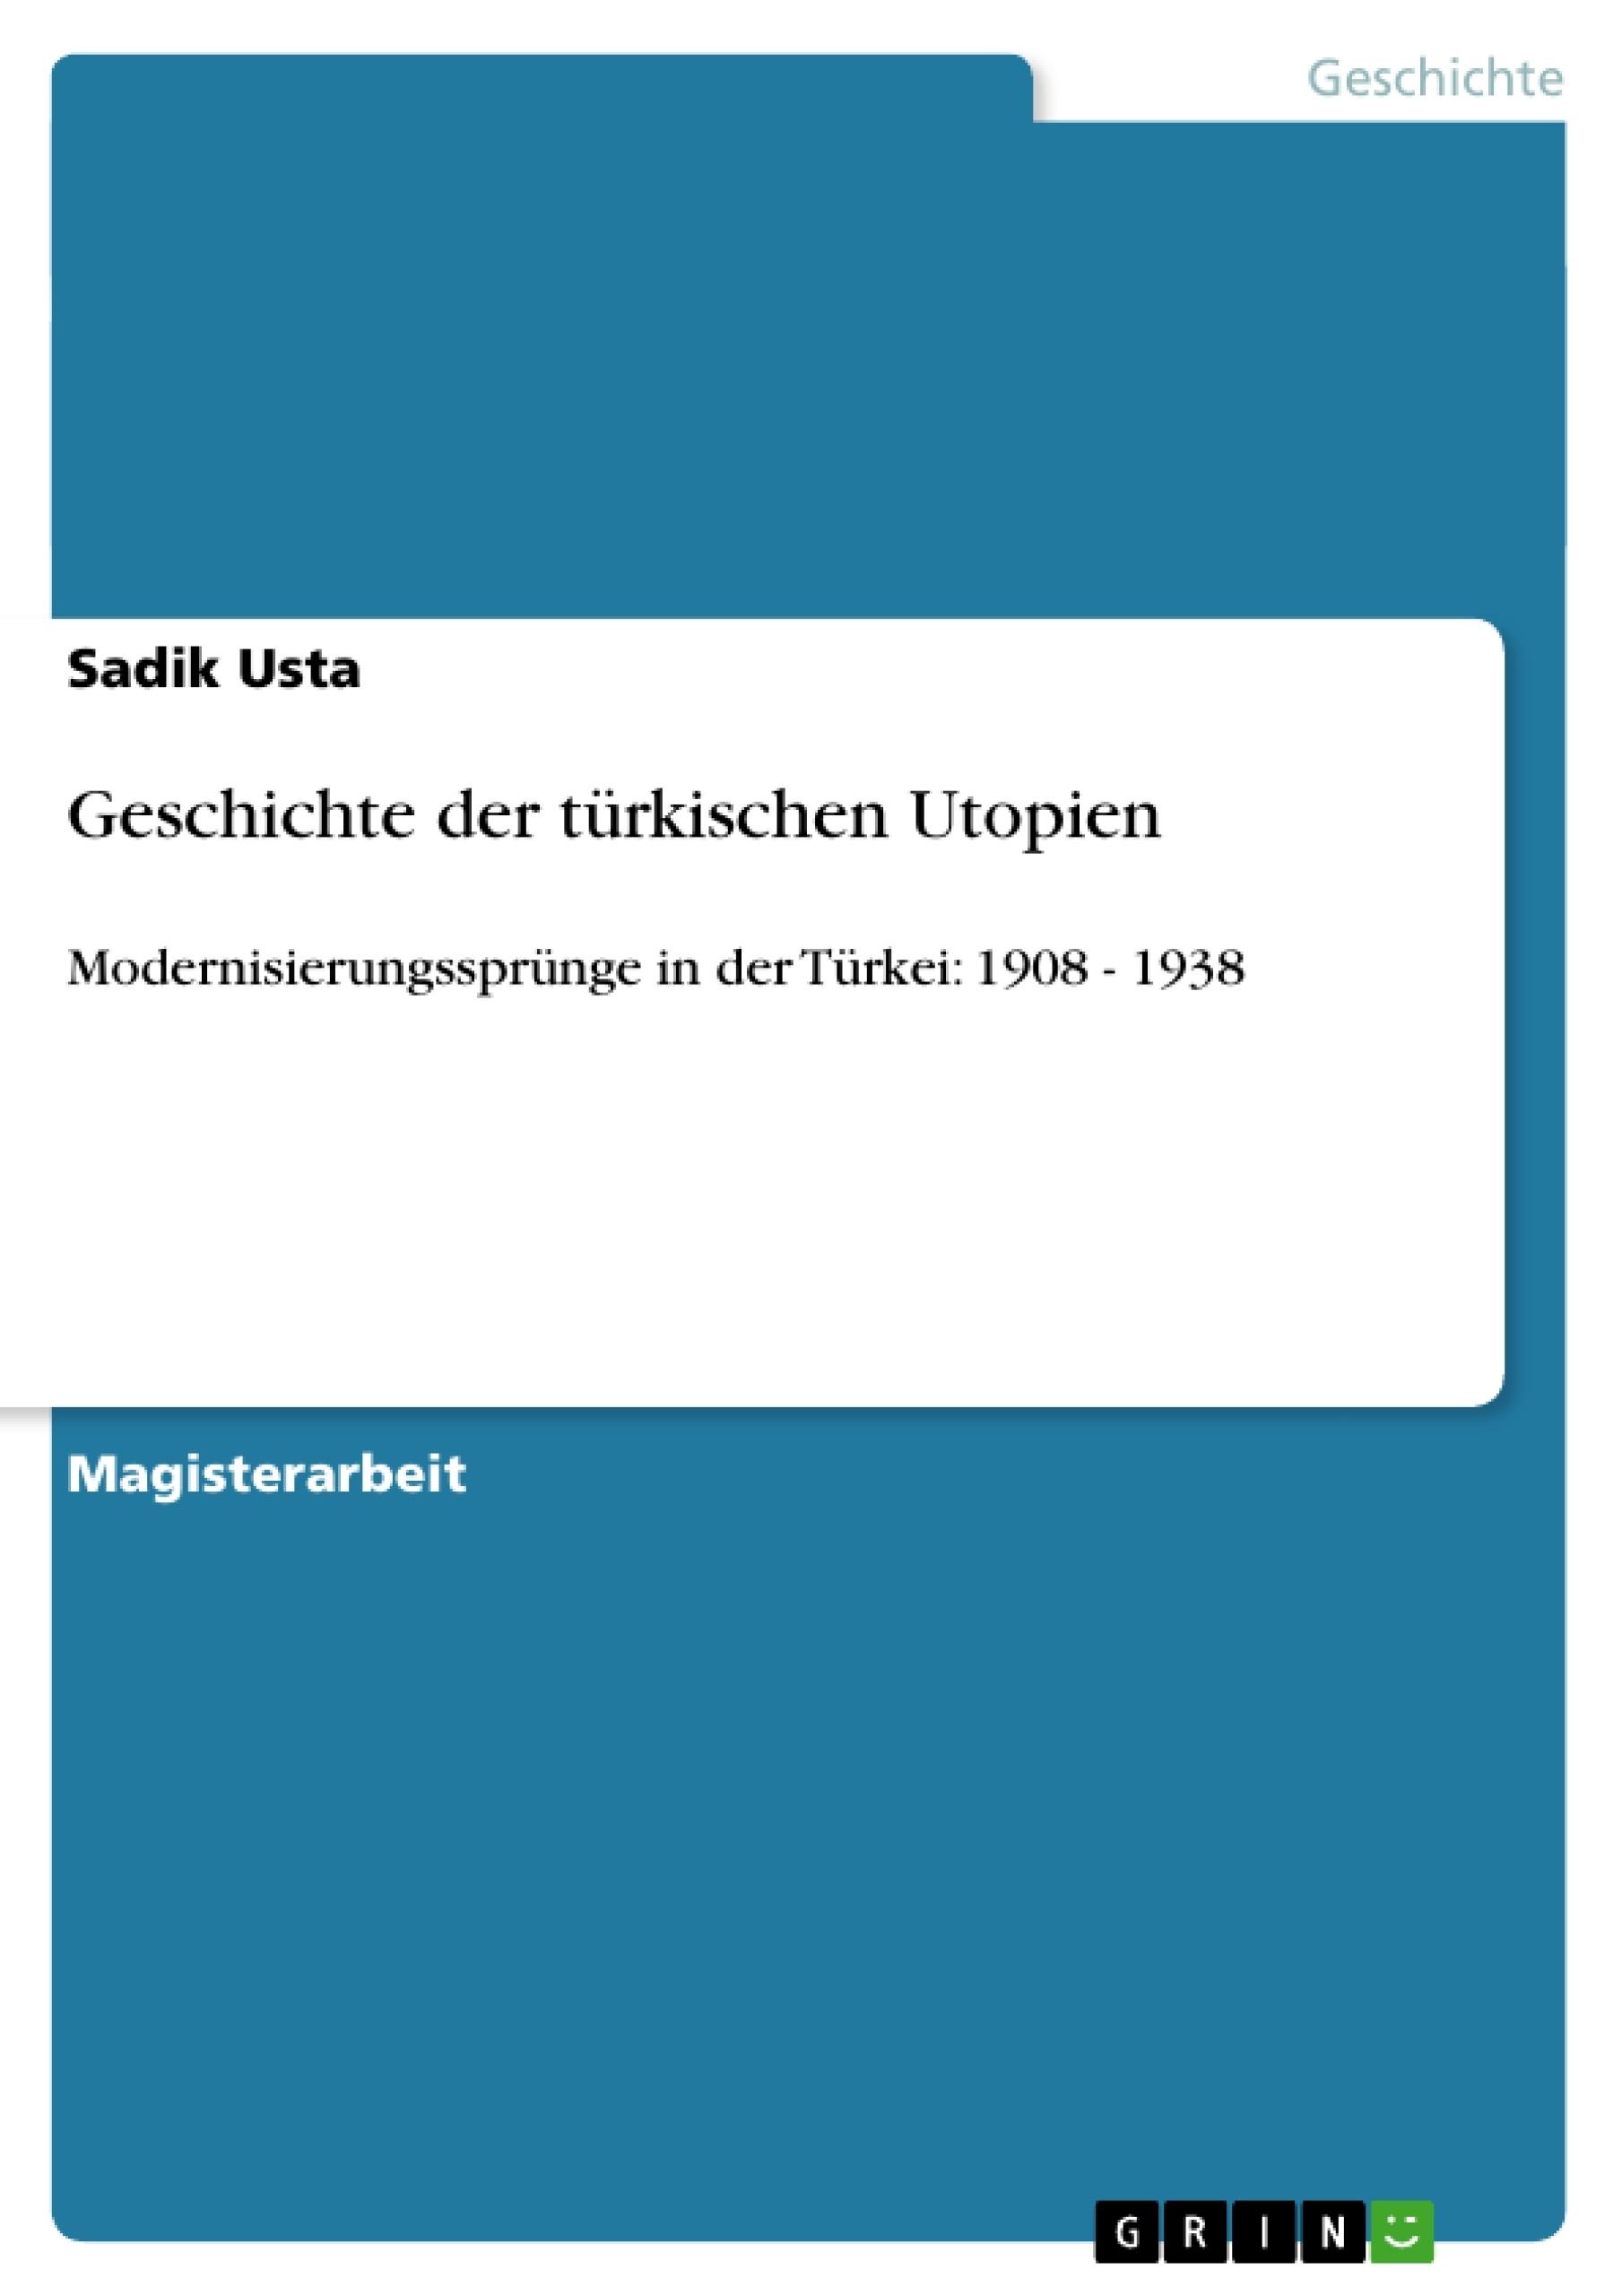 Titel: Geschichte der türkischen Utopien